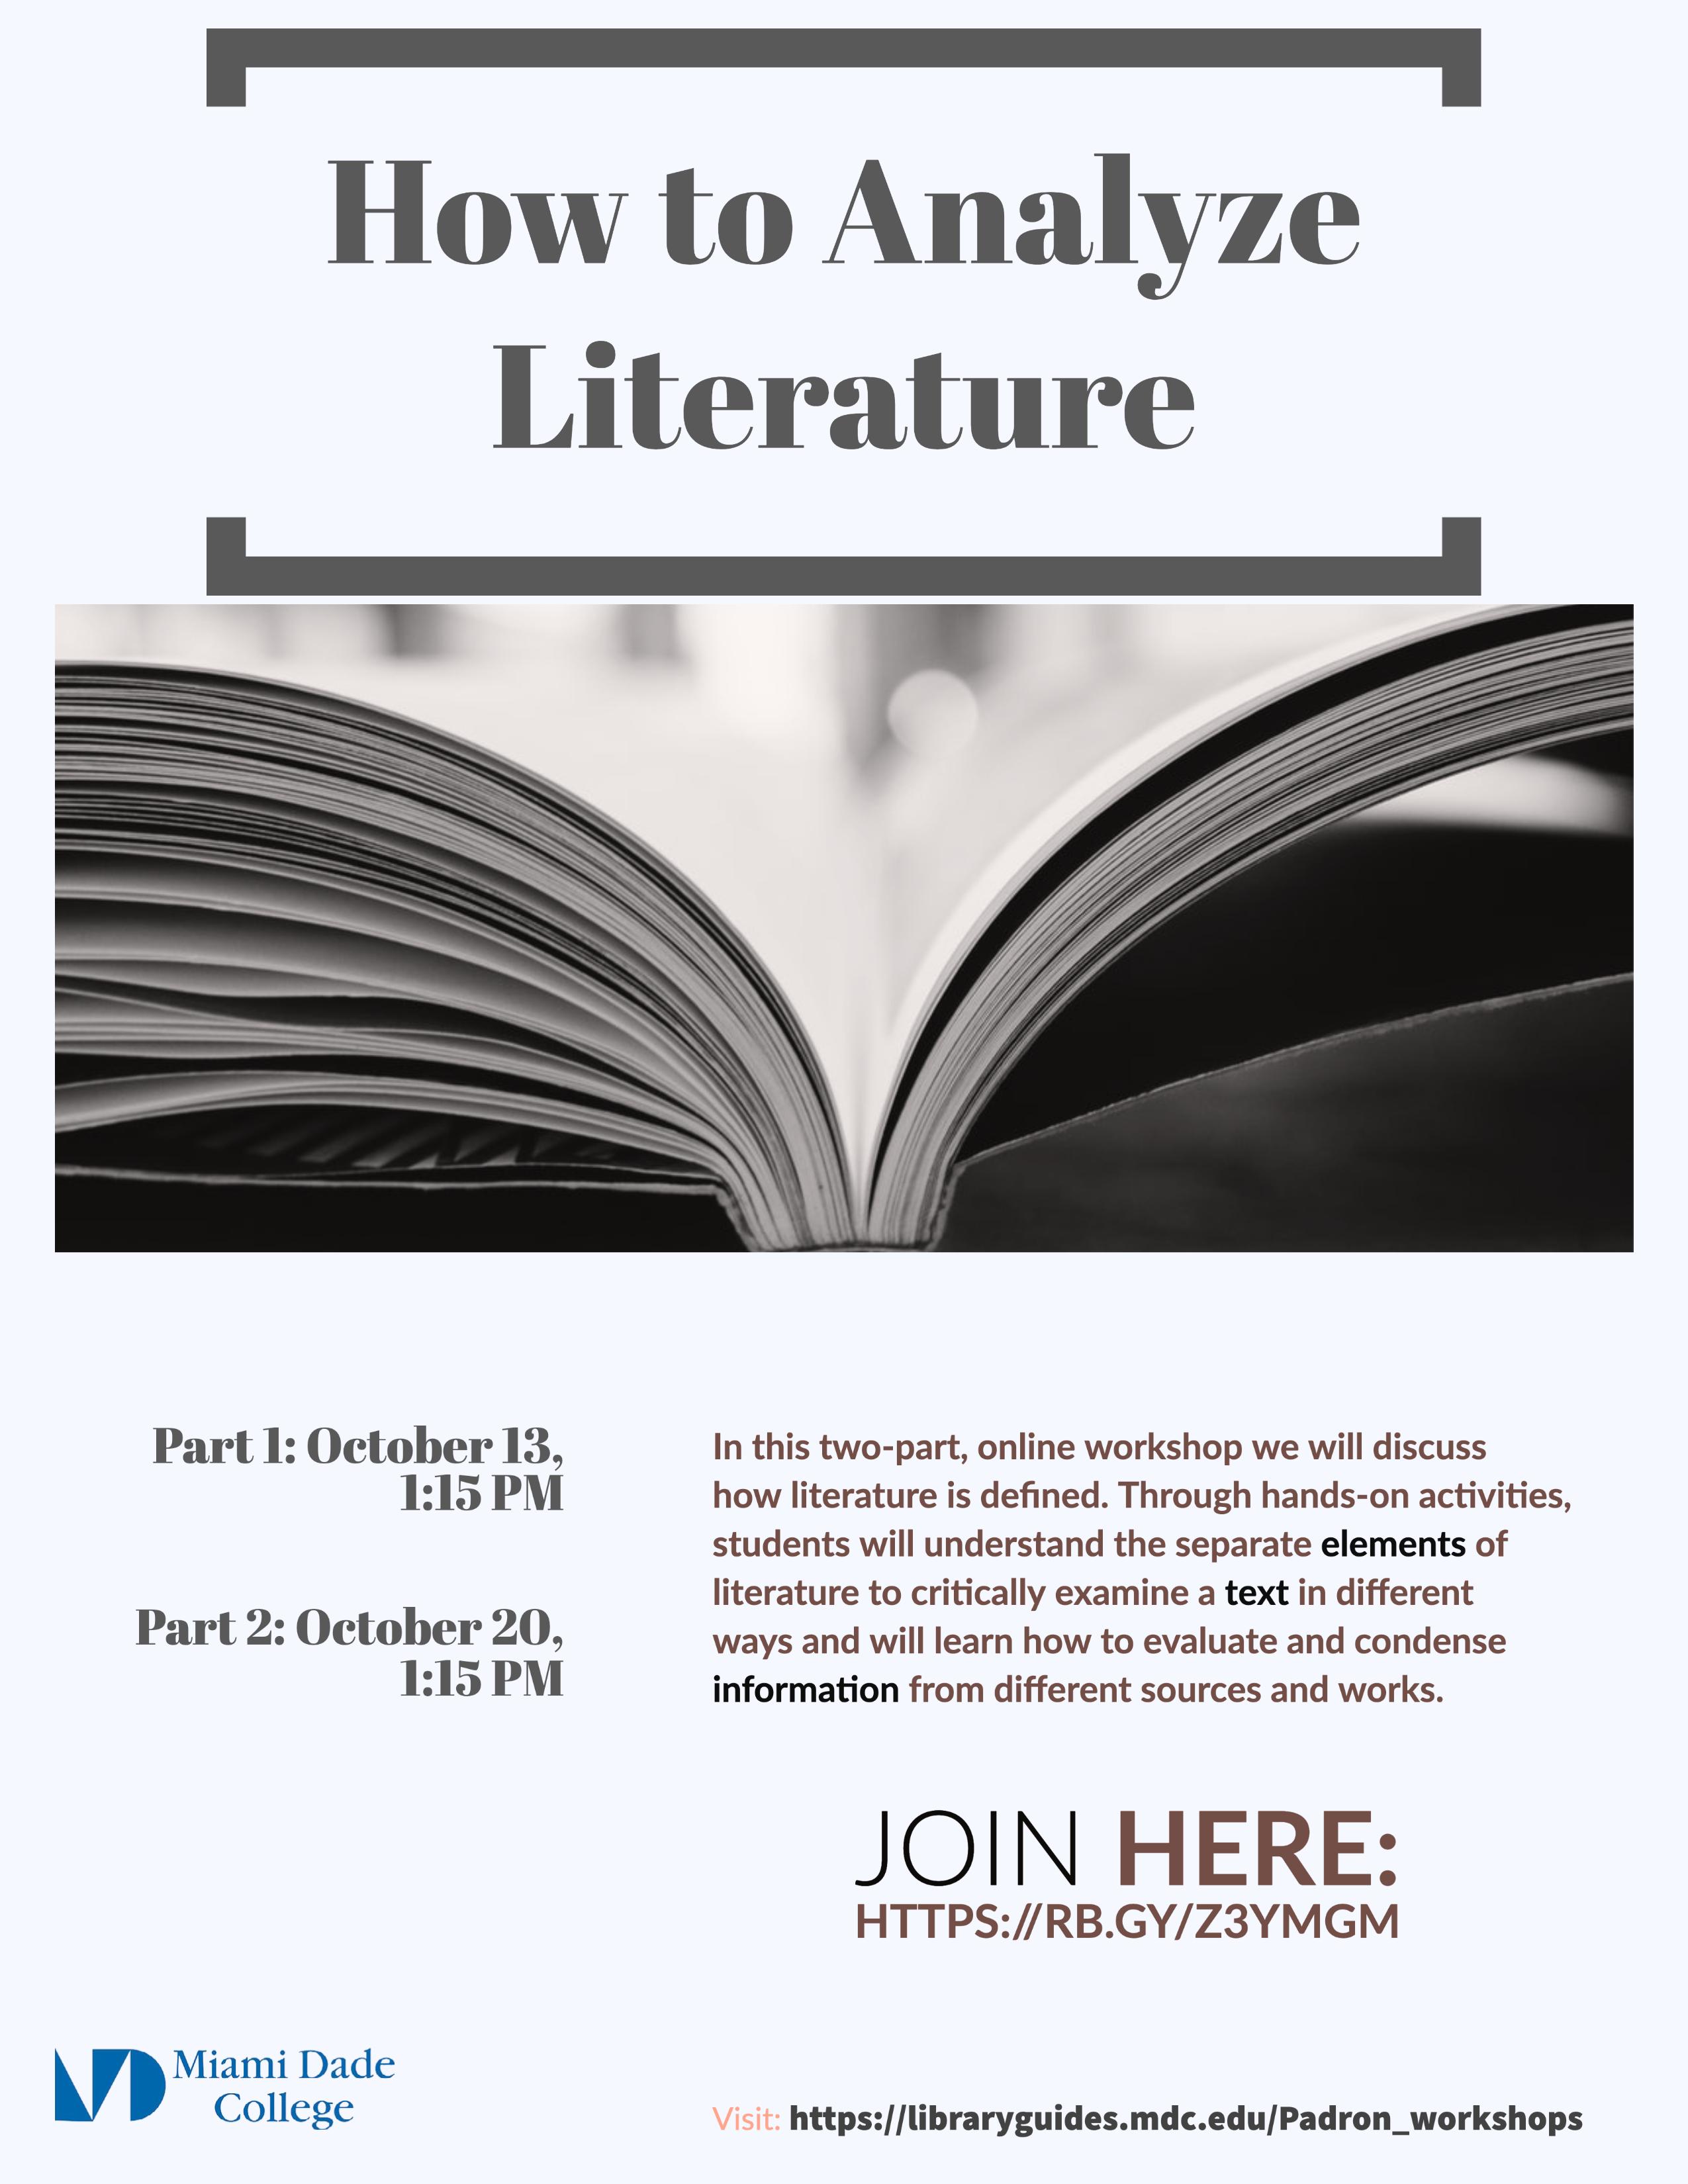 Analyzing Literature Flyer